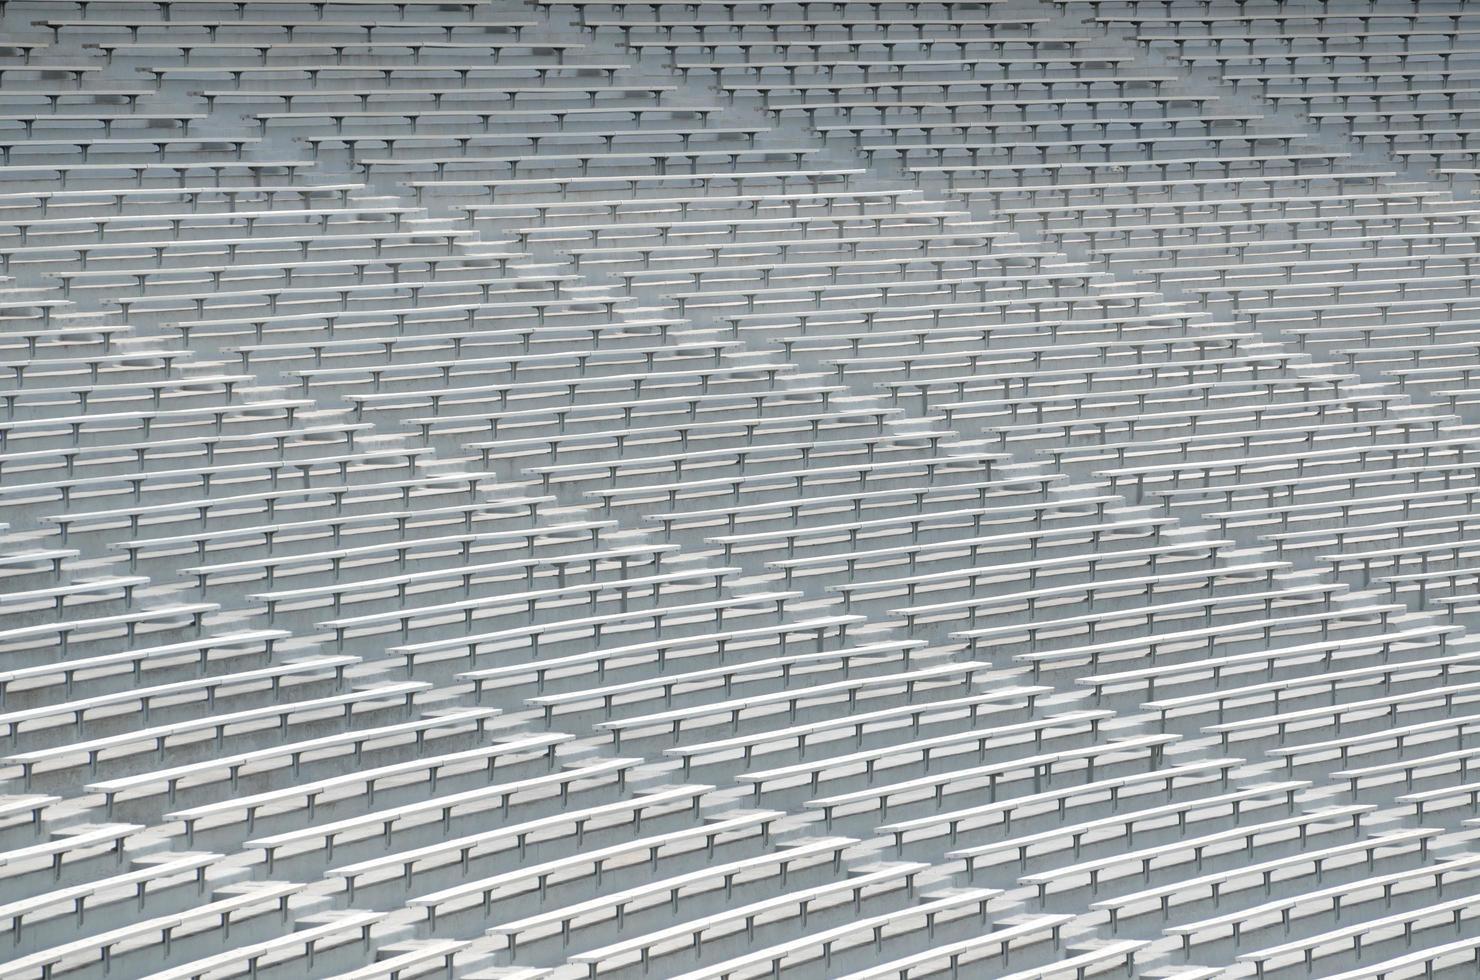 stoelen in het stadion foto